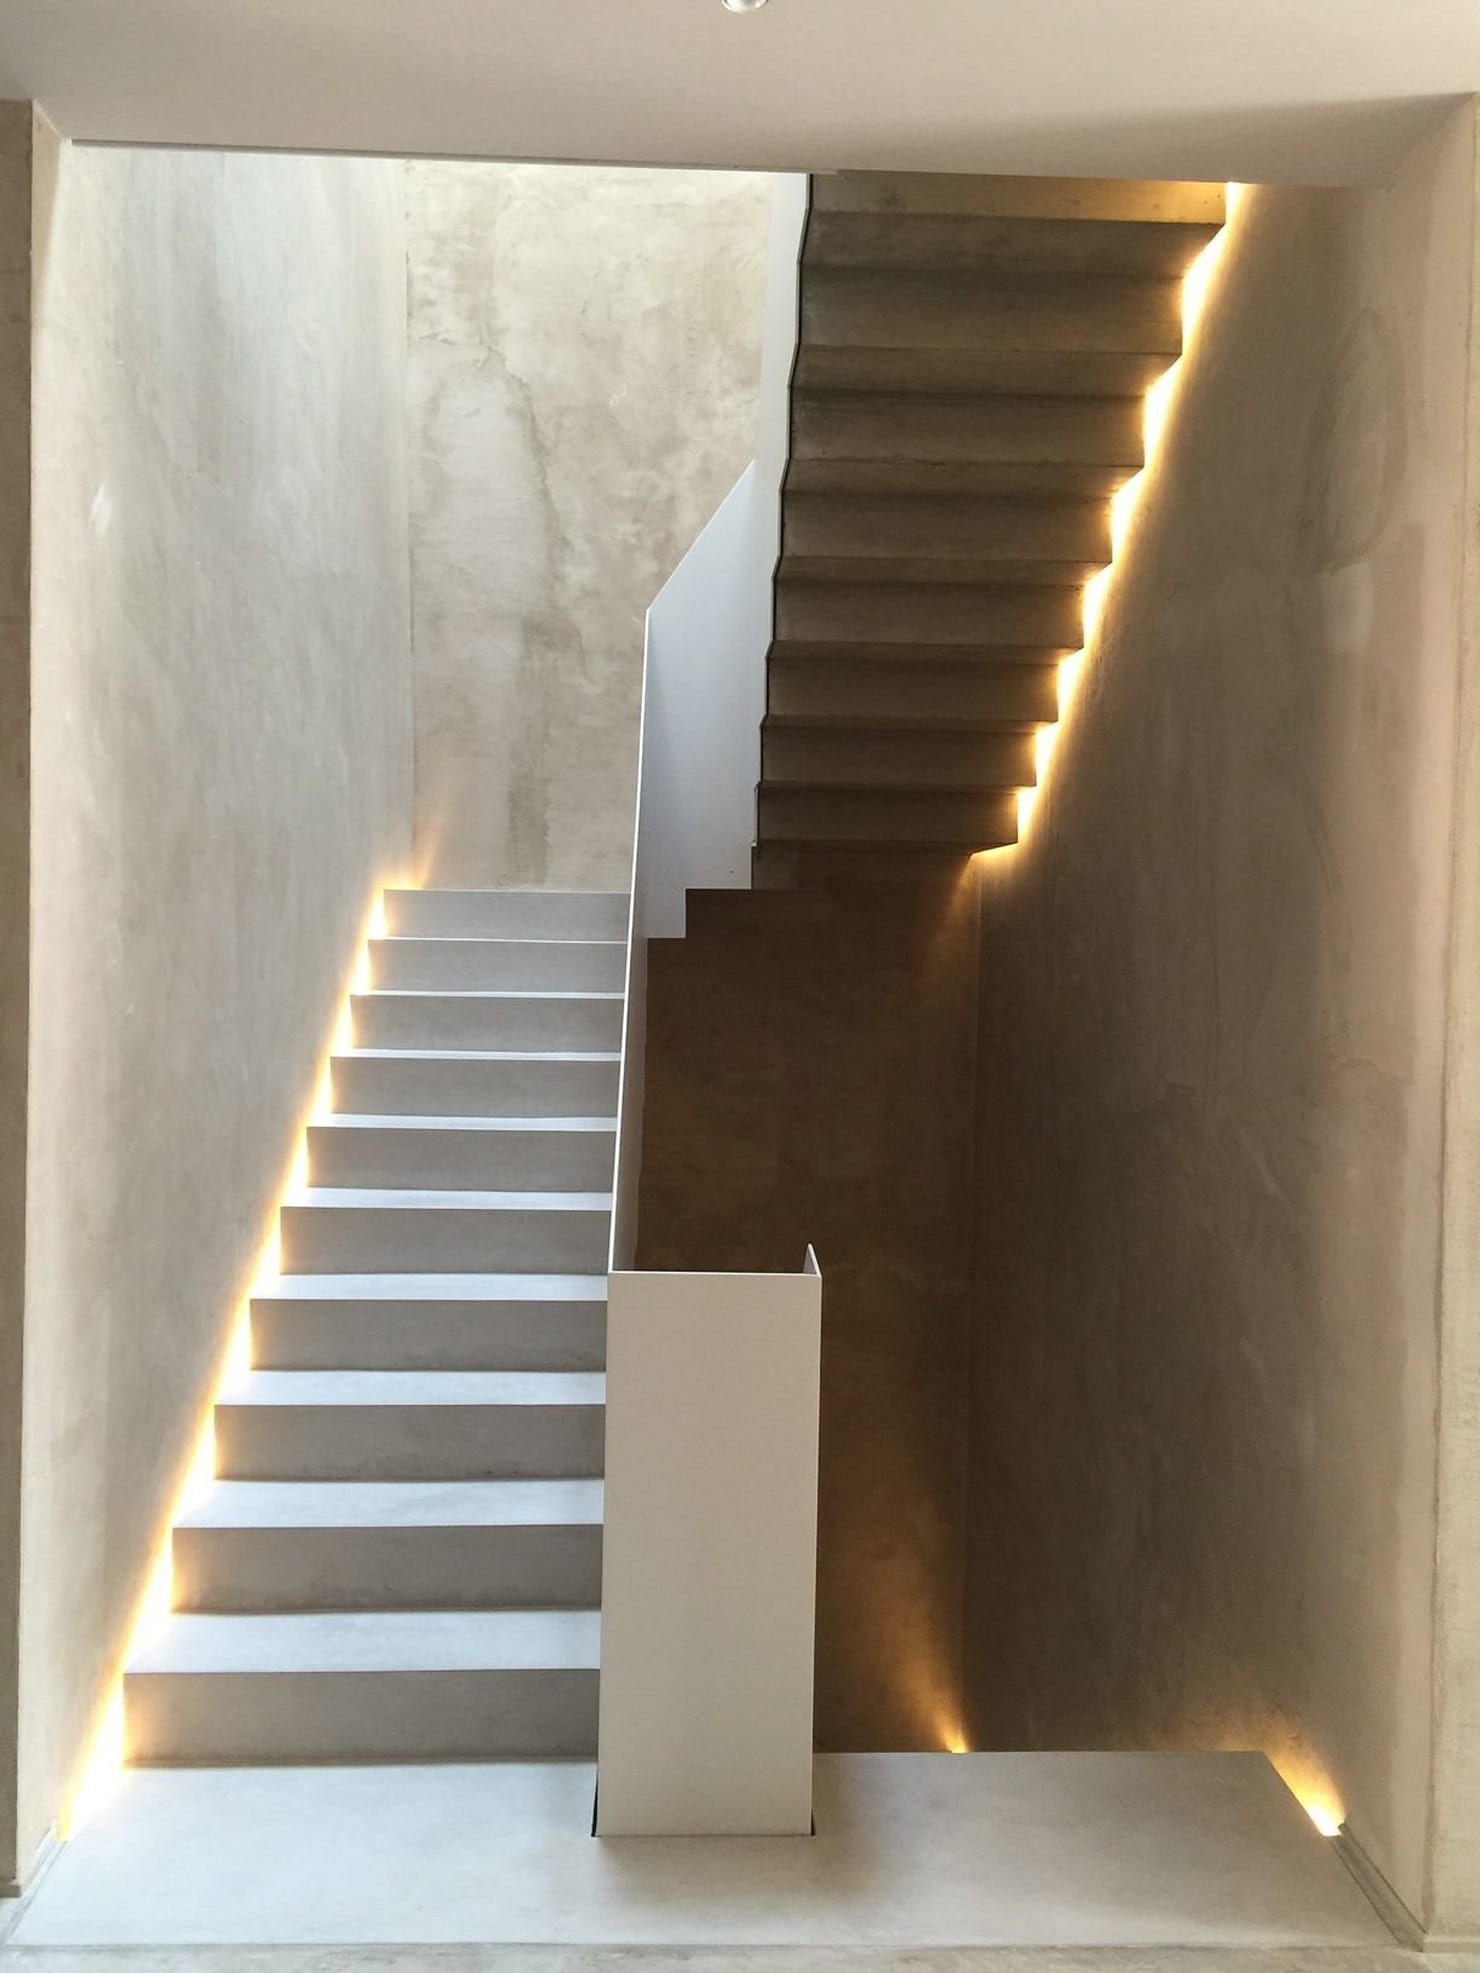 32+ Treppen im haus modern ideen